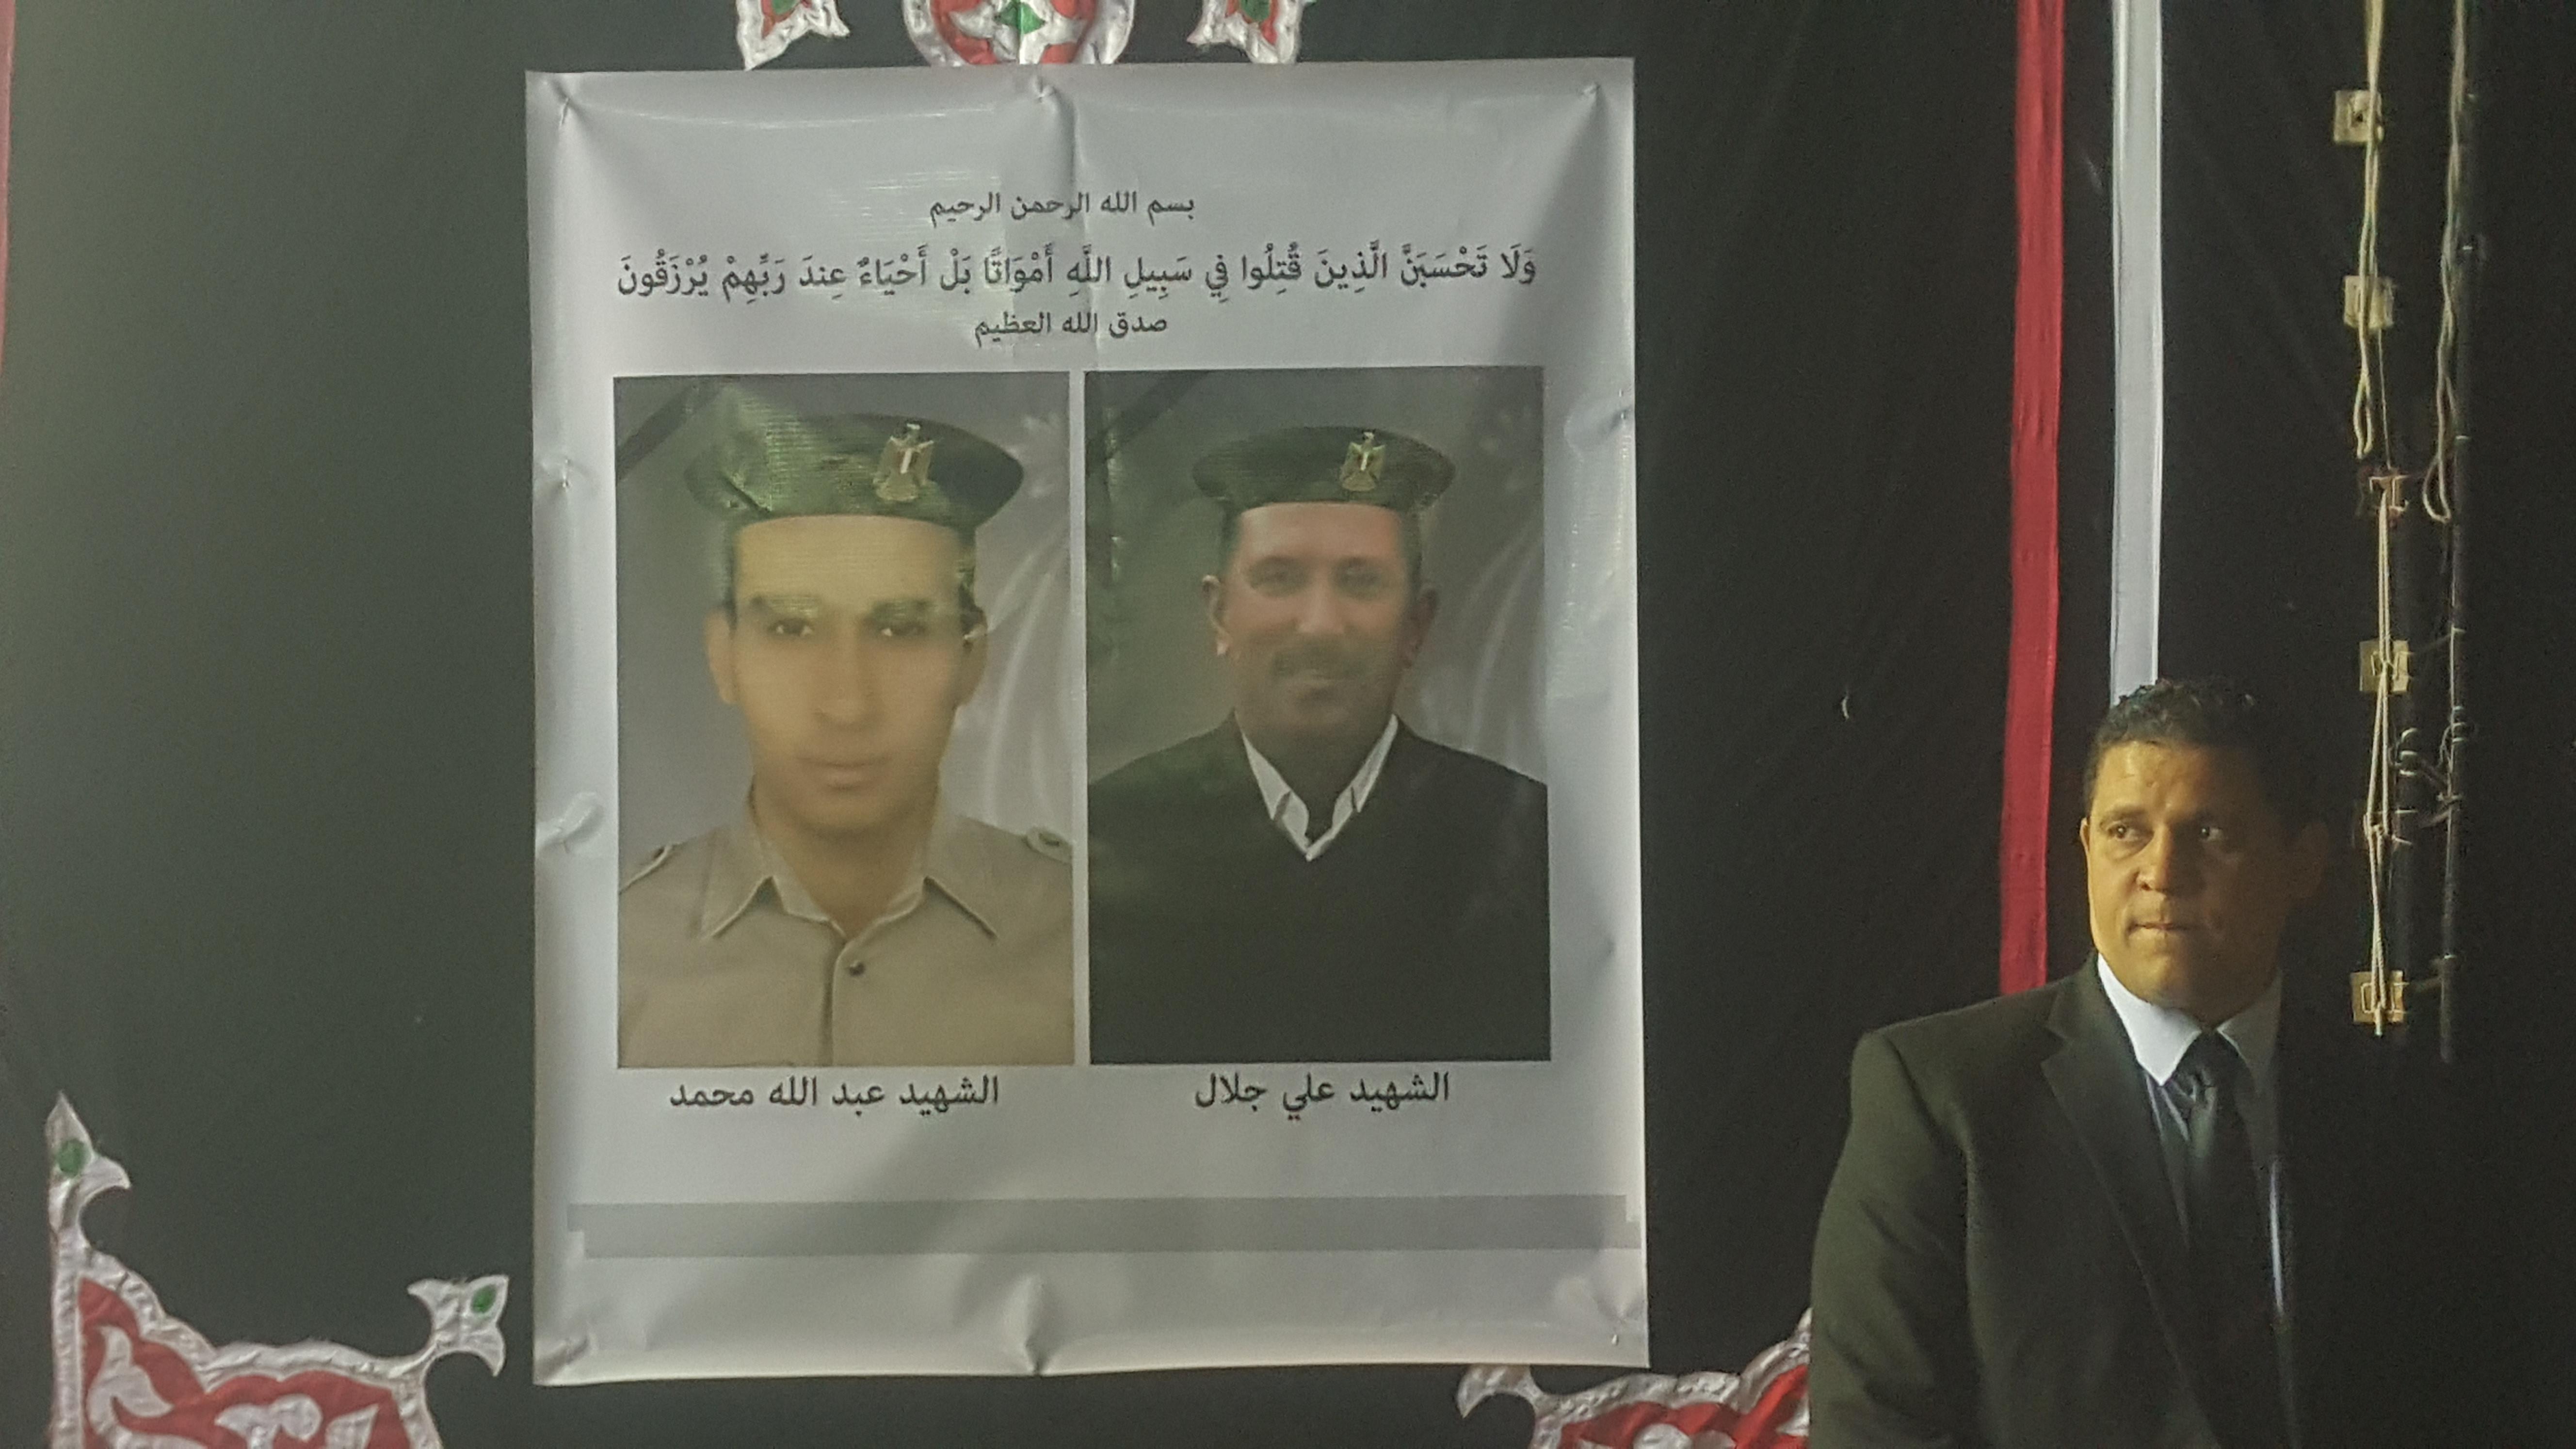 شهداء الحادث الإرهابى بالإسكندرية (2)